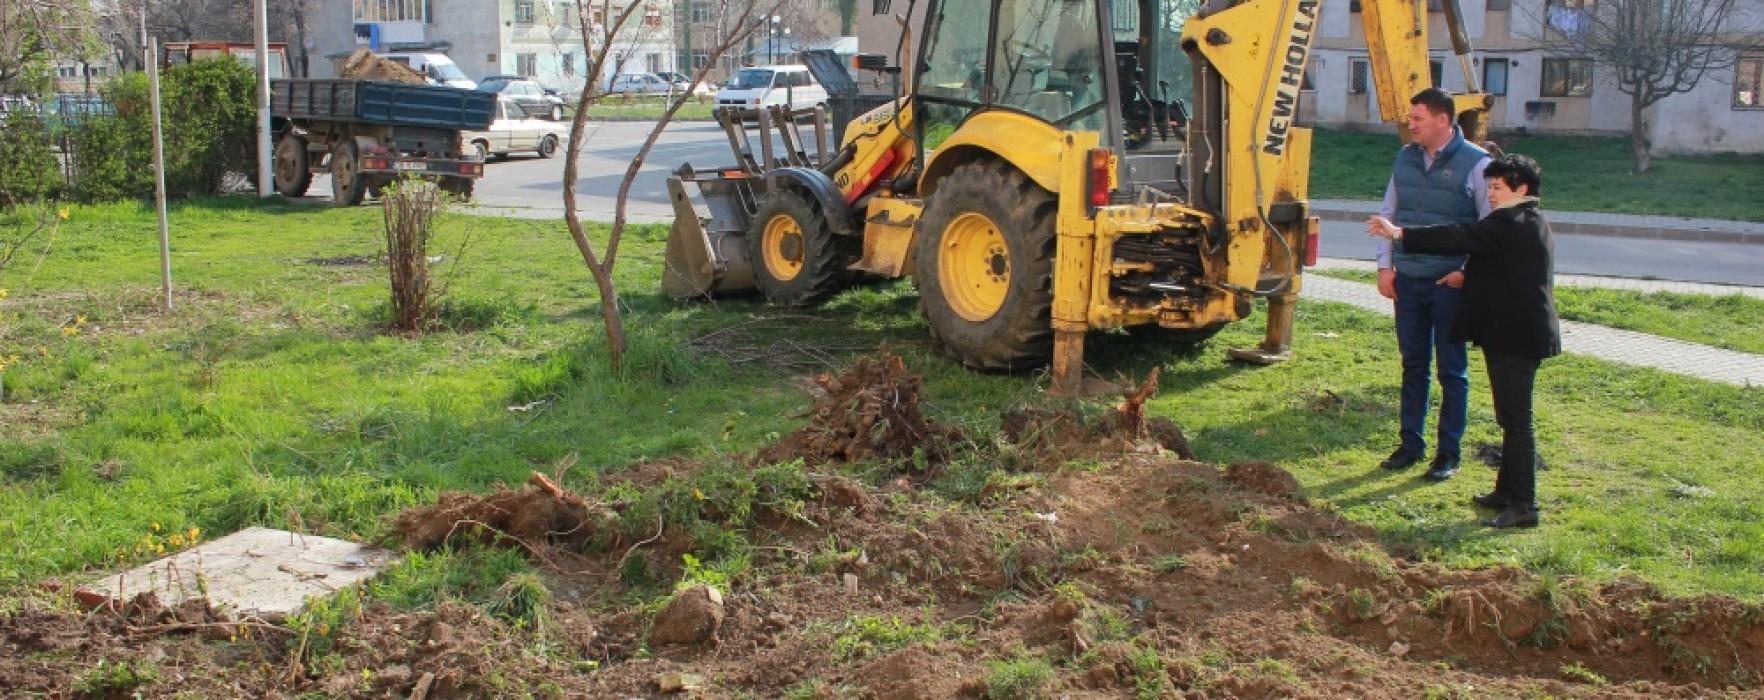 Titu: Au demarat lucrări de amenajare peisagistică, reabilitare termică blocuri, asfaltare străzi